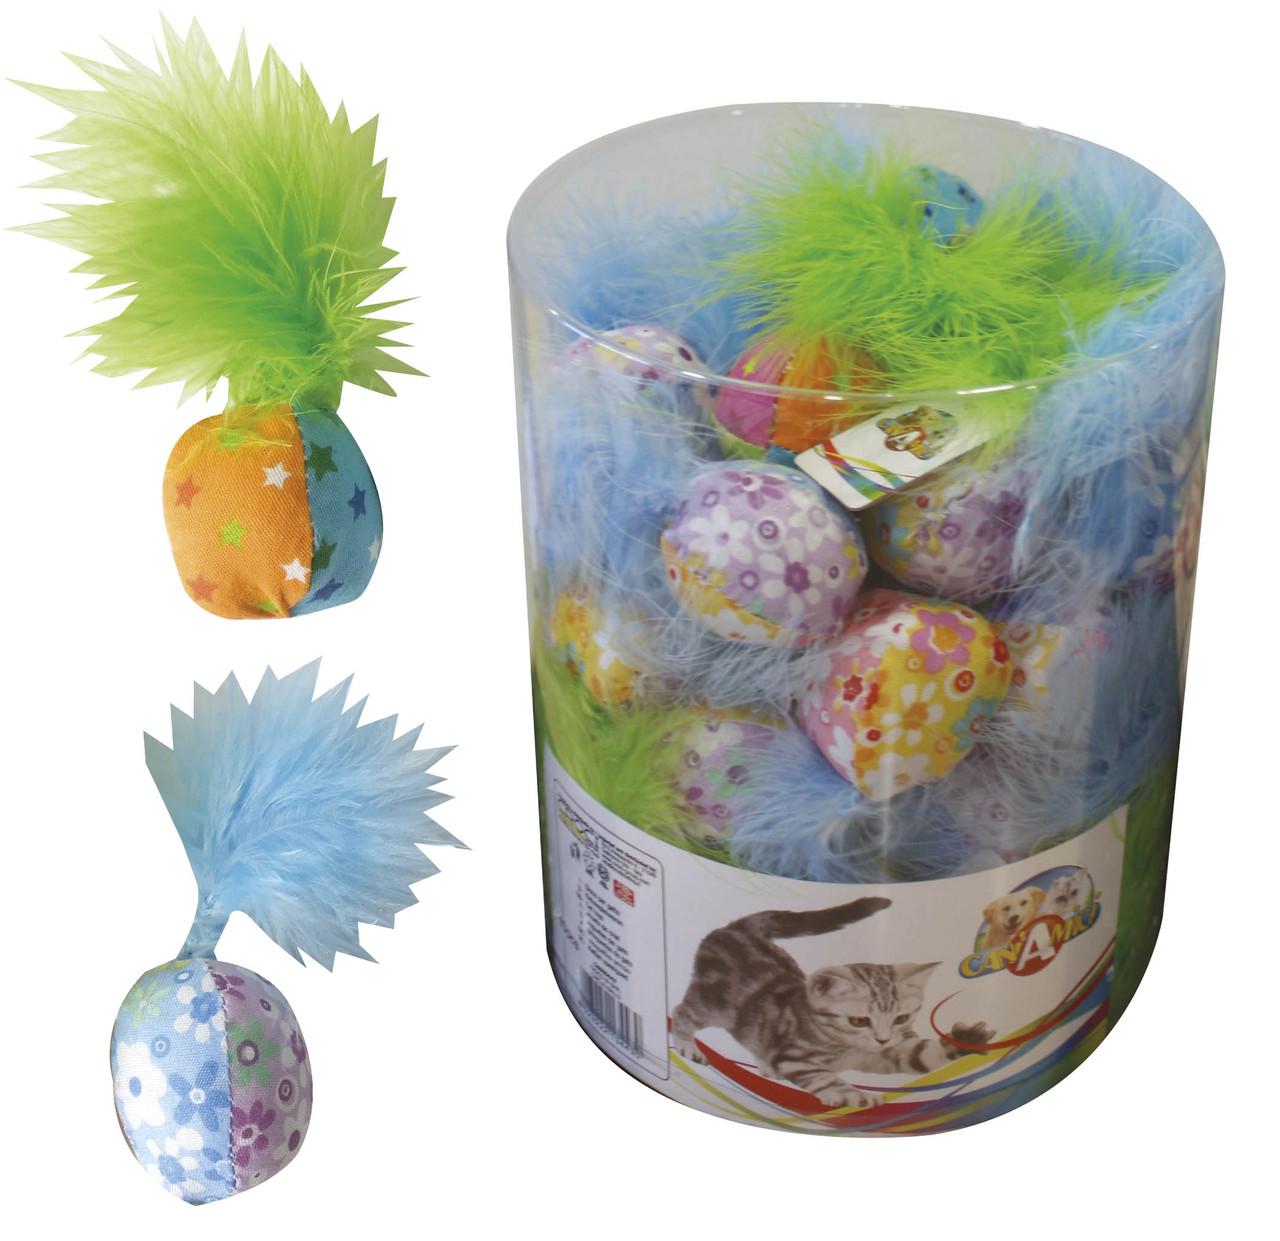 Игрушка для кот. CROCI мяч цветной с пером. 4см, 40шт/уп (цена за 1шт)